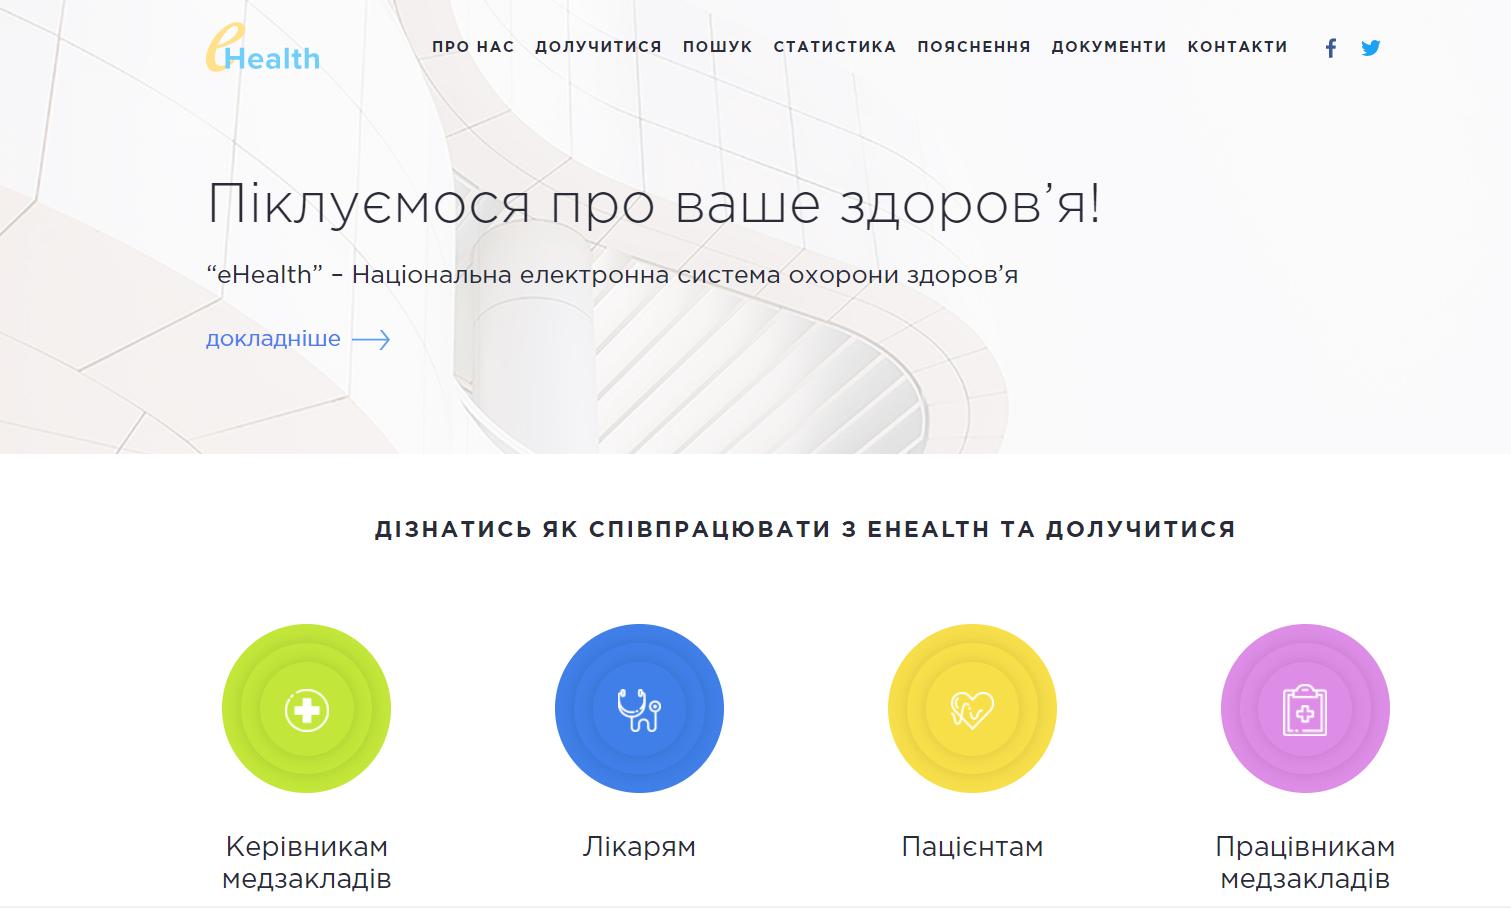 Медицина будущего в Украине: как будет работать система eHealth